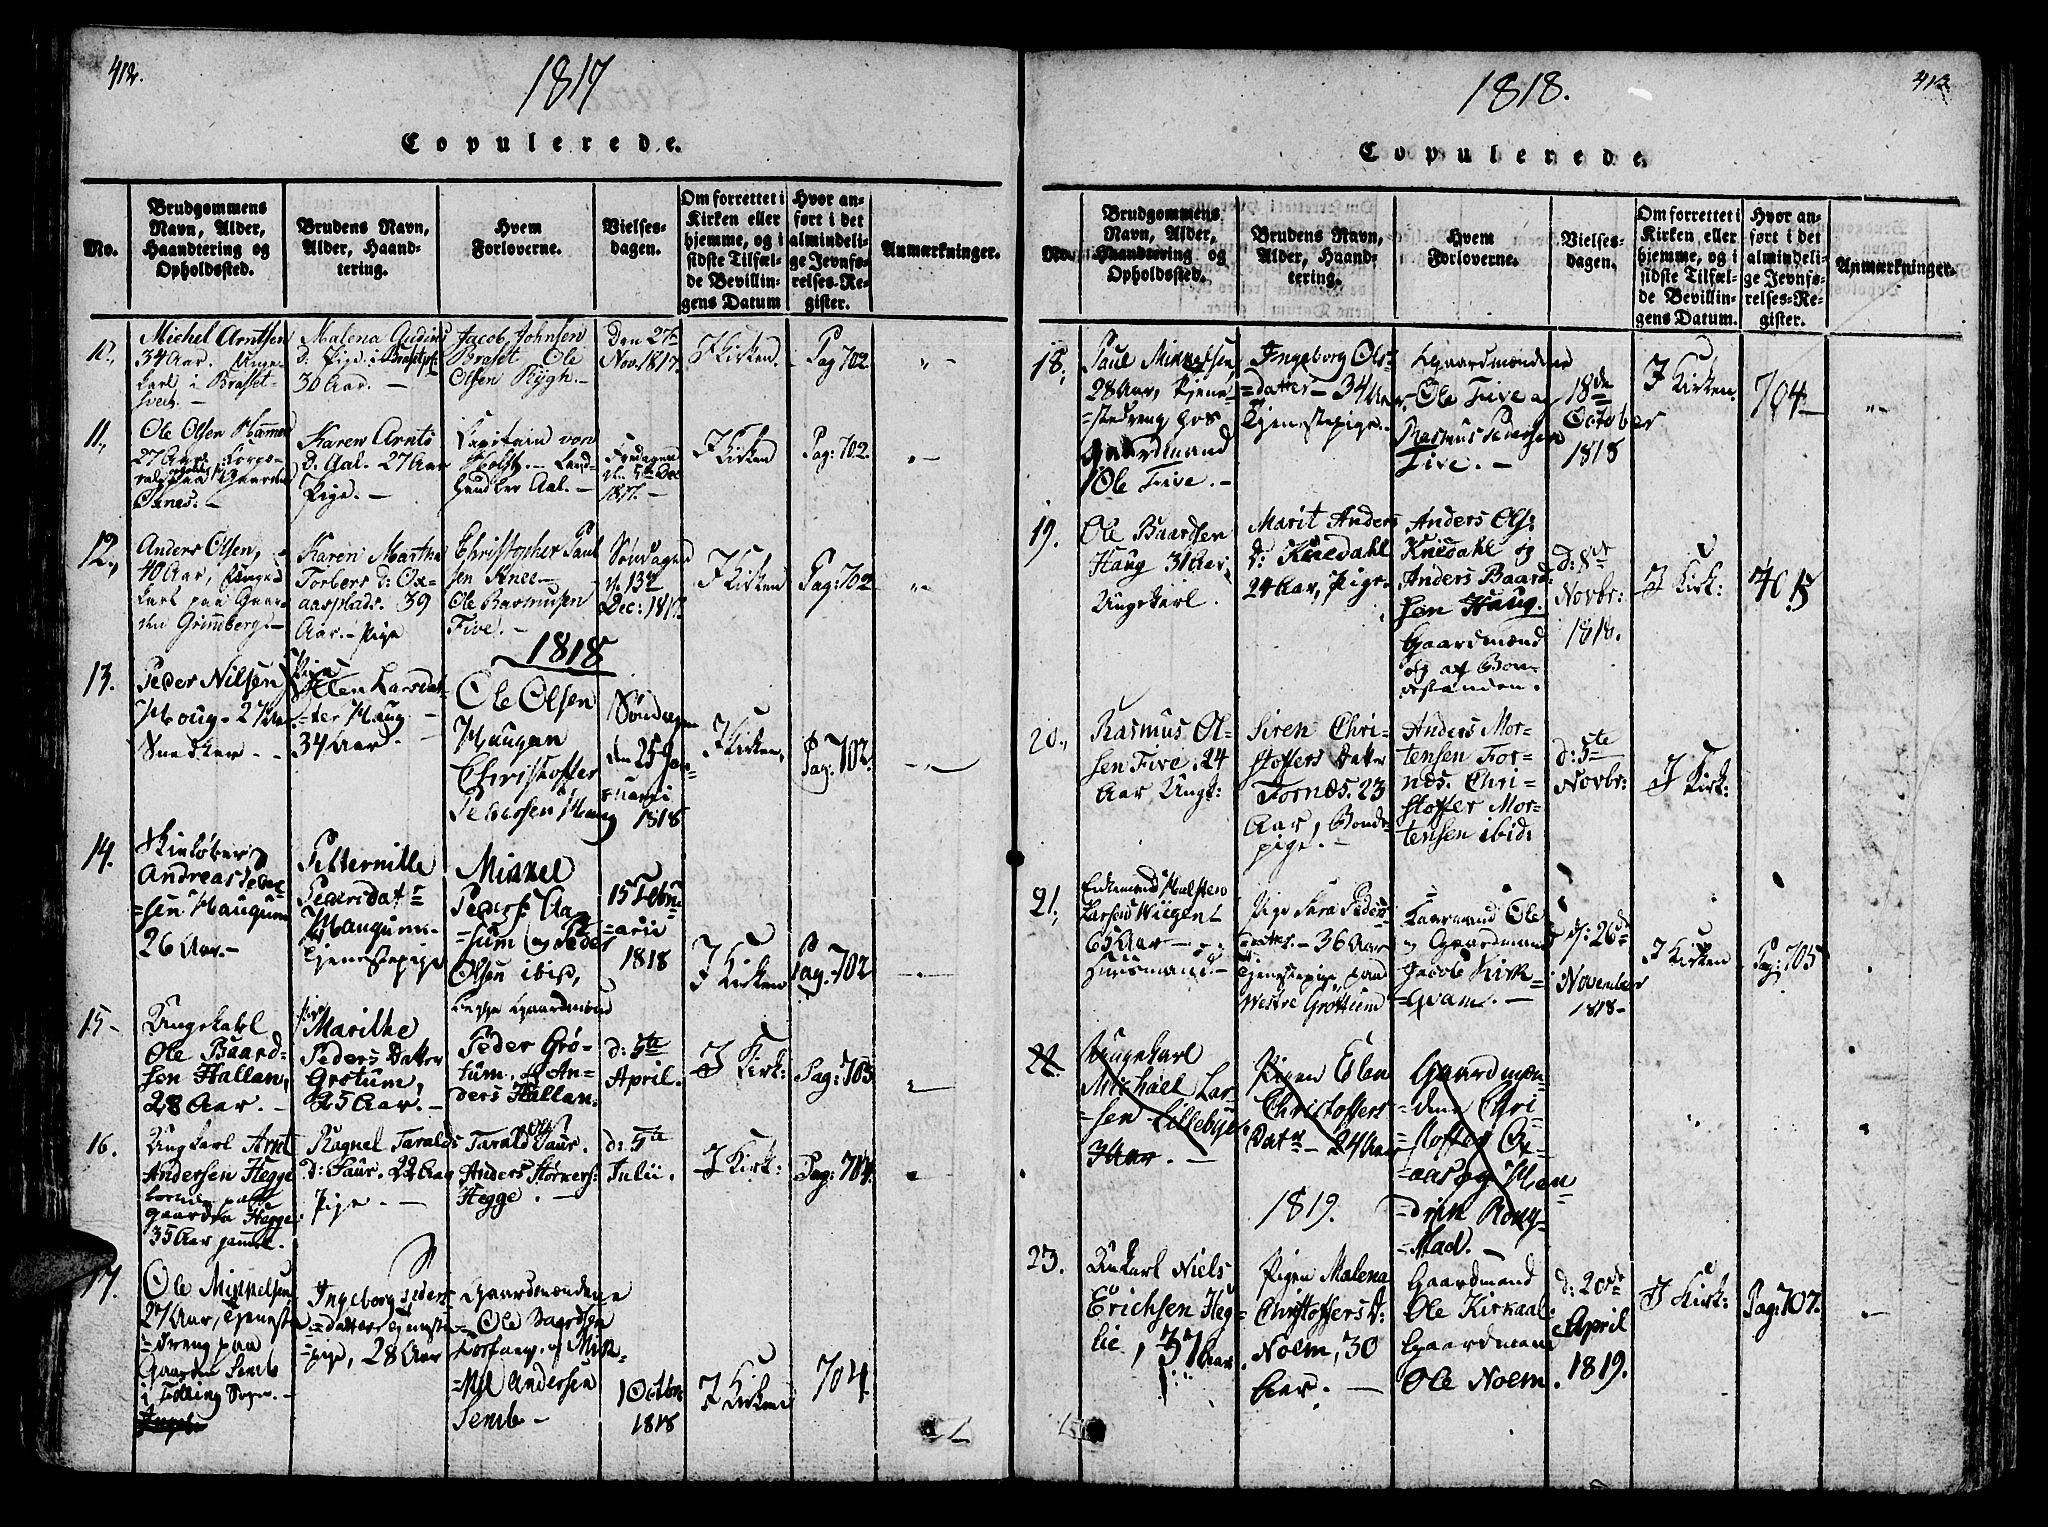 SAT, Ministerialprotokoller, klokkerbøker og fødselsregistre - Nord-Trøndelag, 746/L0441: Ministerialbok nr. 746A03 /2, 1816-1827, s. 412-413